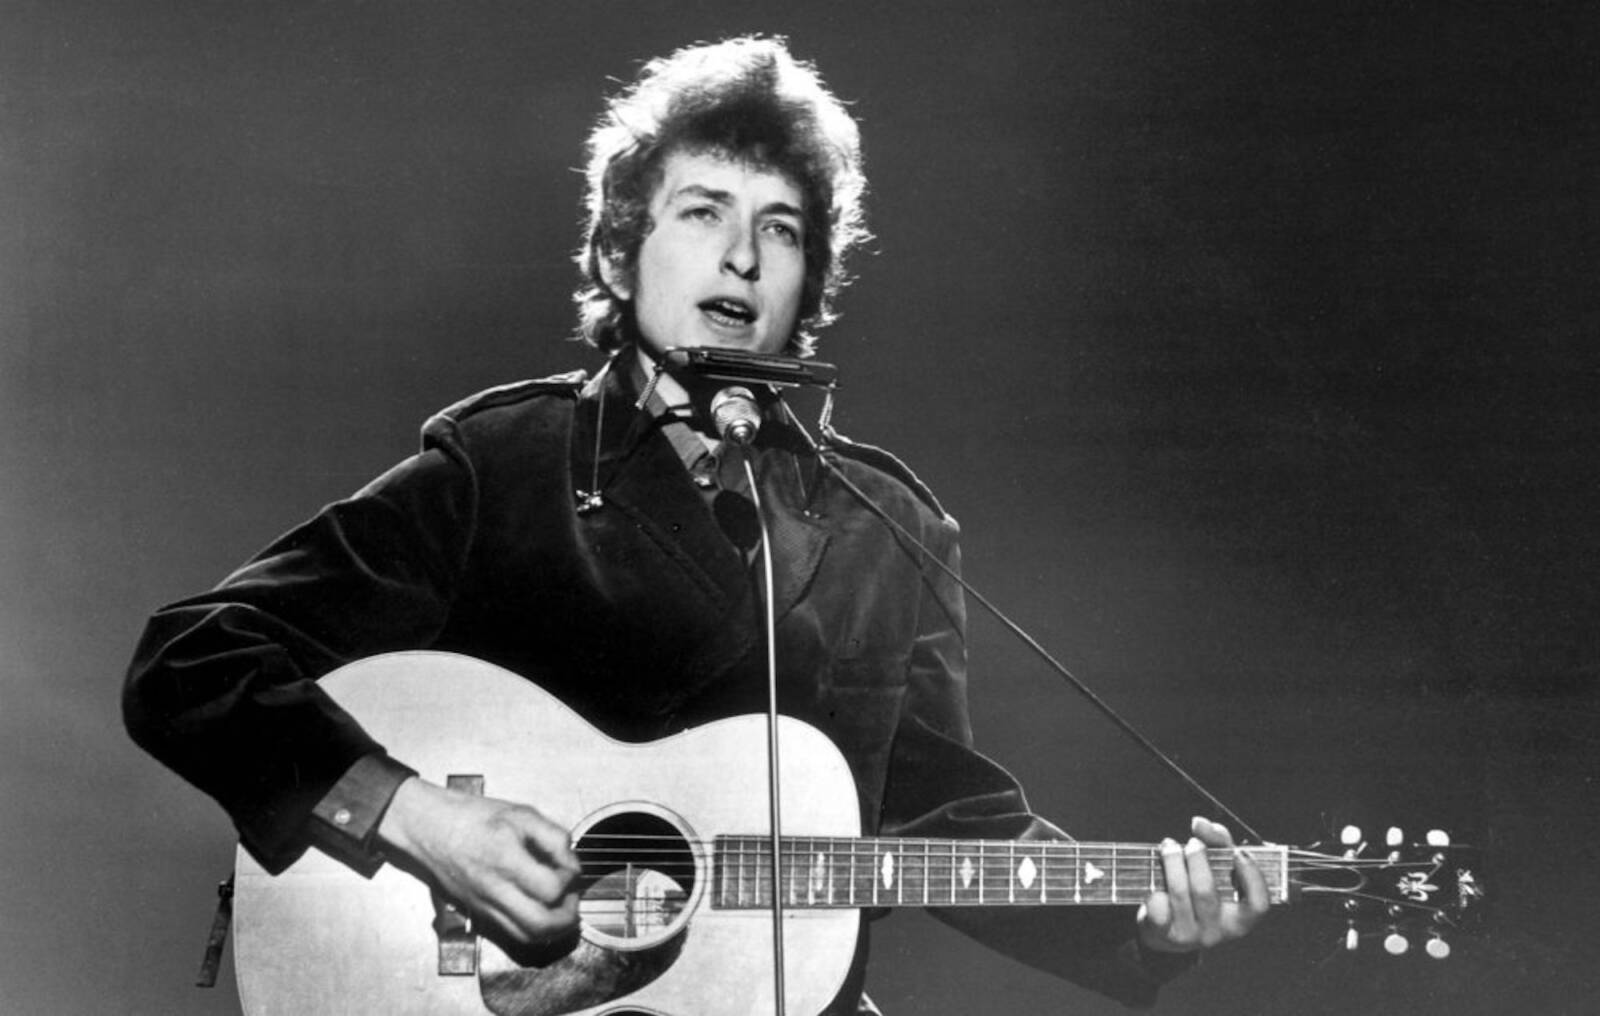 A zsidókkal szembeni előítéletek is közrejátszottak abban, hogy Bob Dylan megváltoztatta a nevét